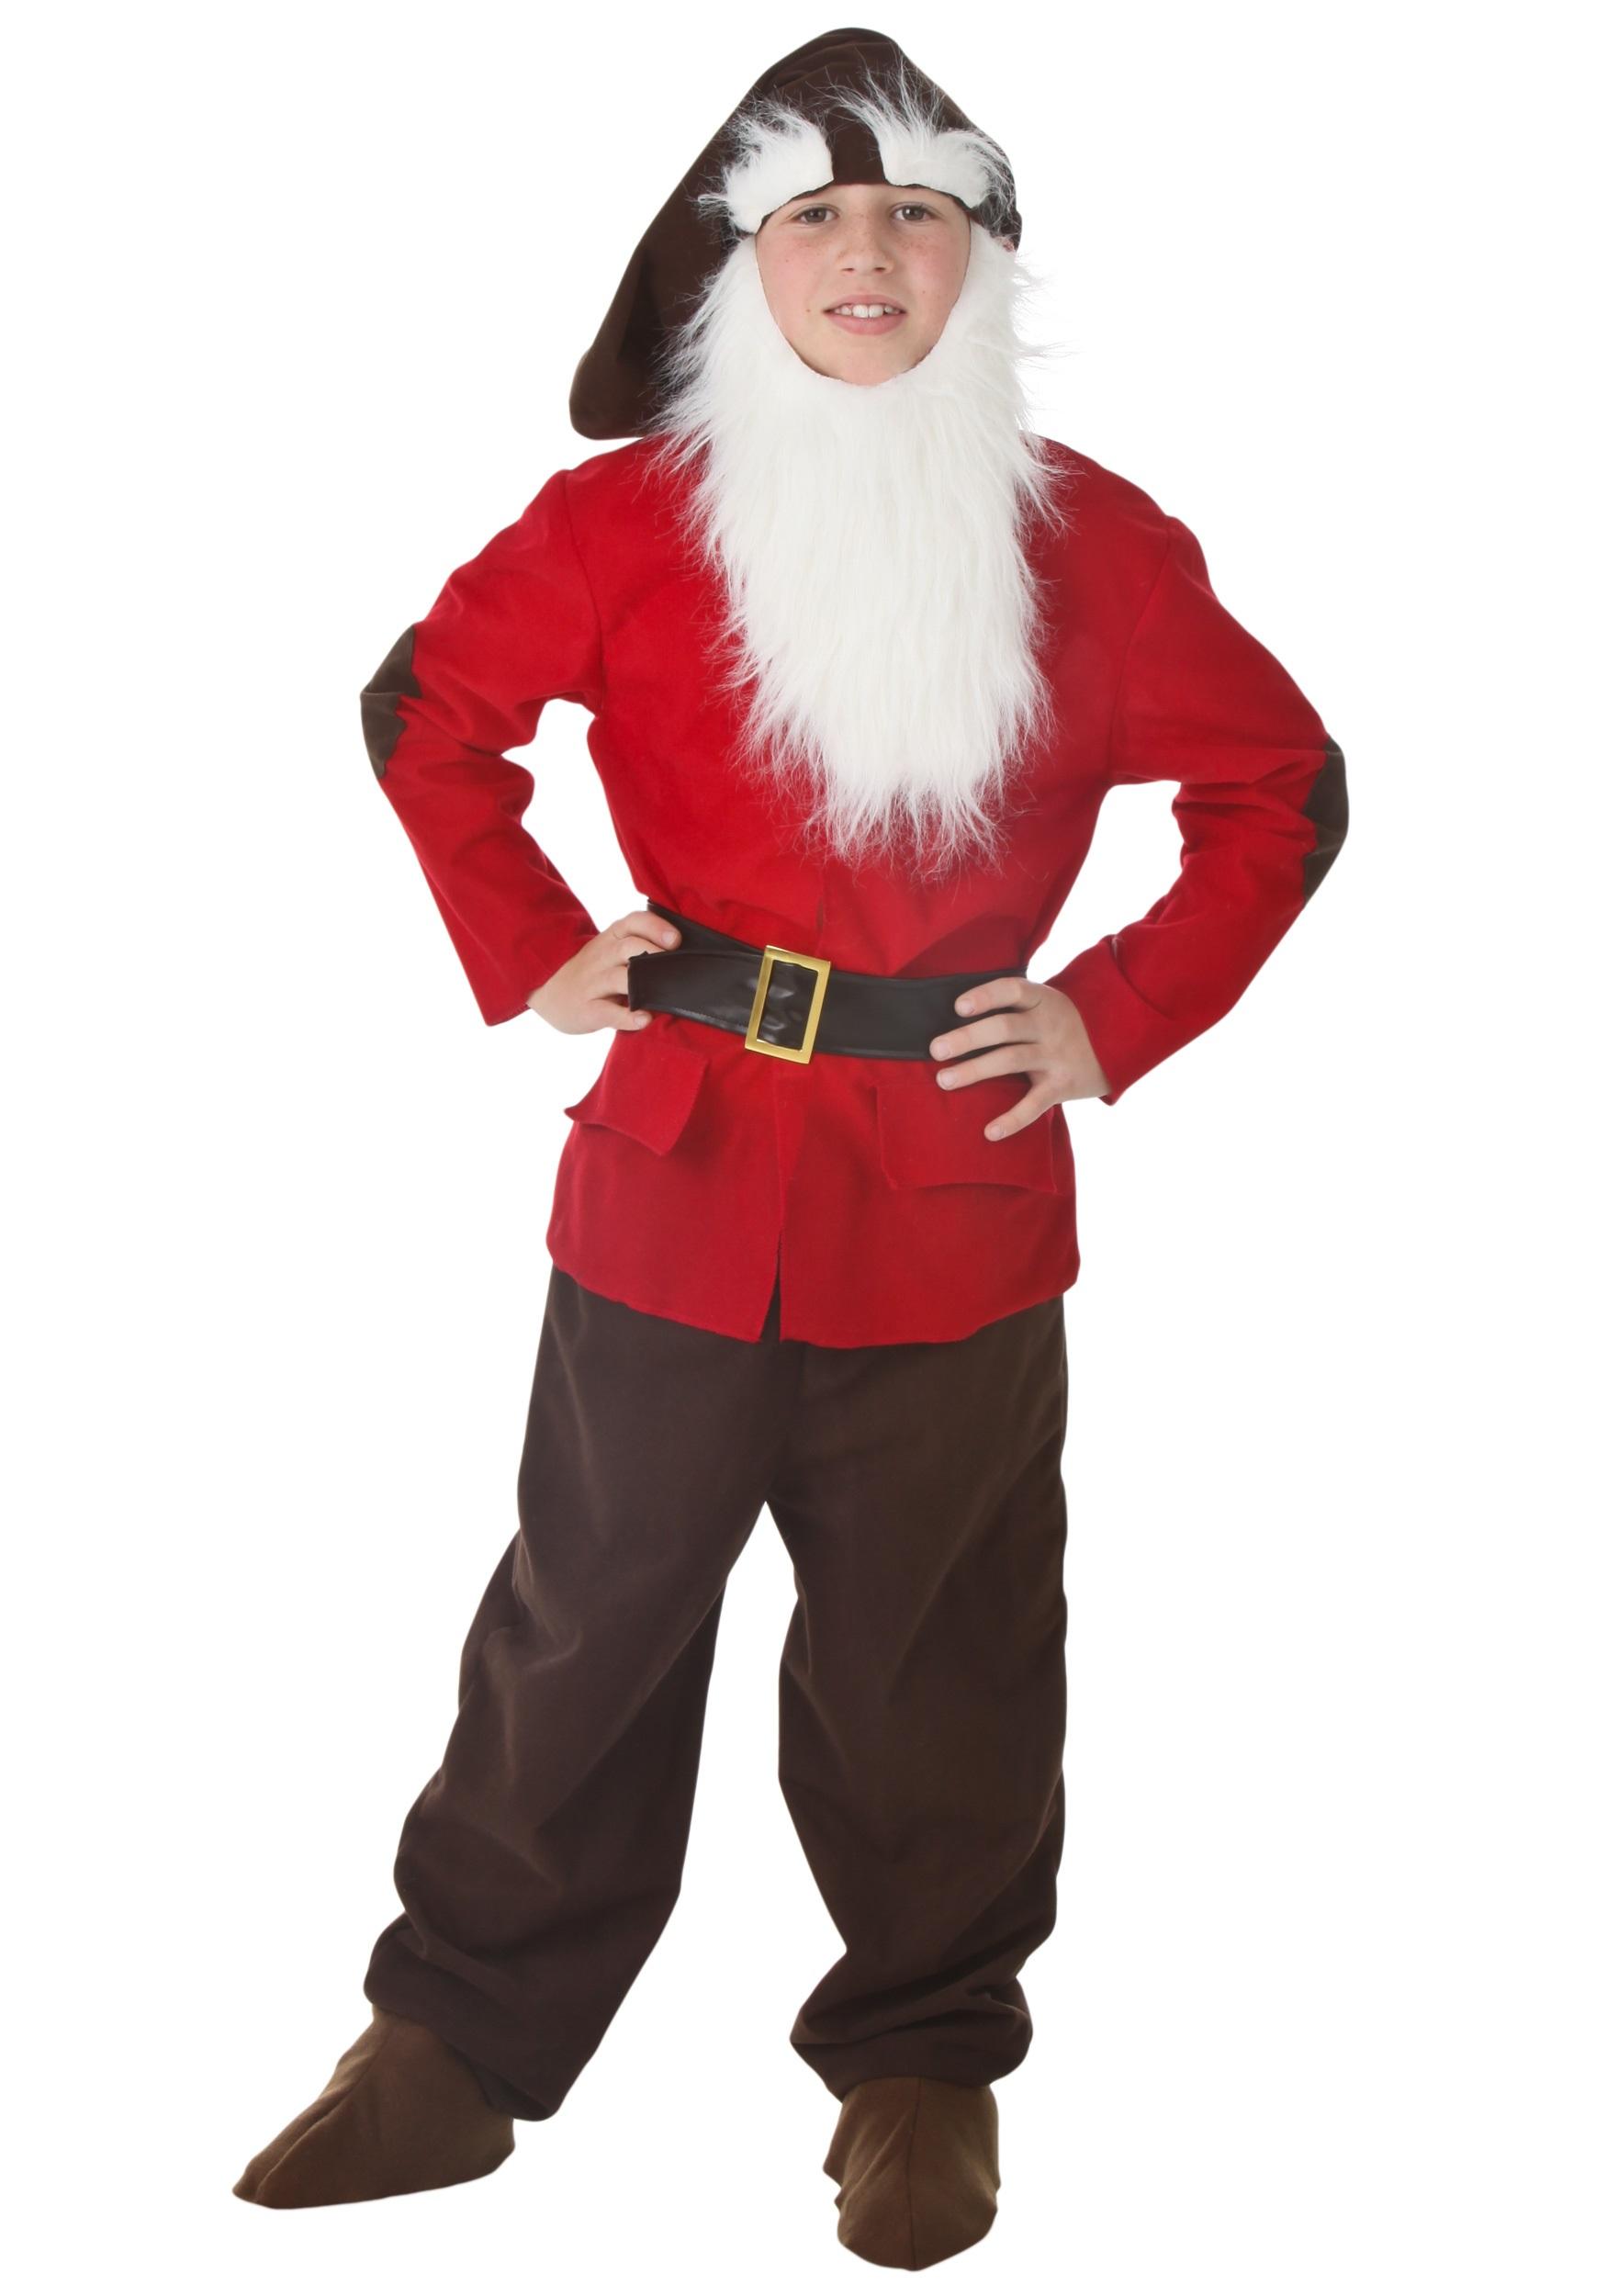 making 7 dwarfs costumes